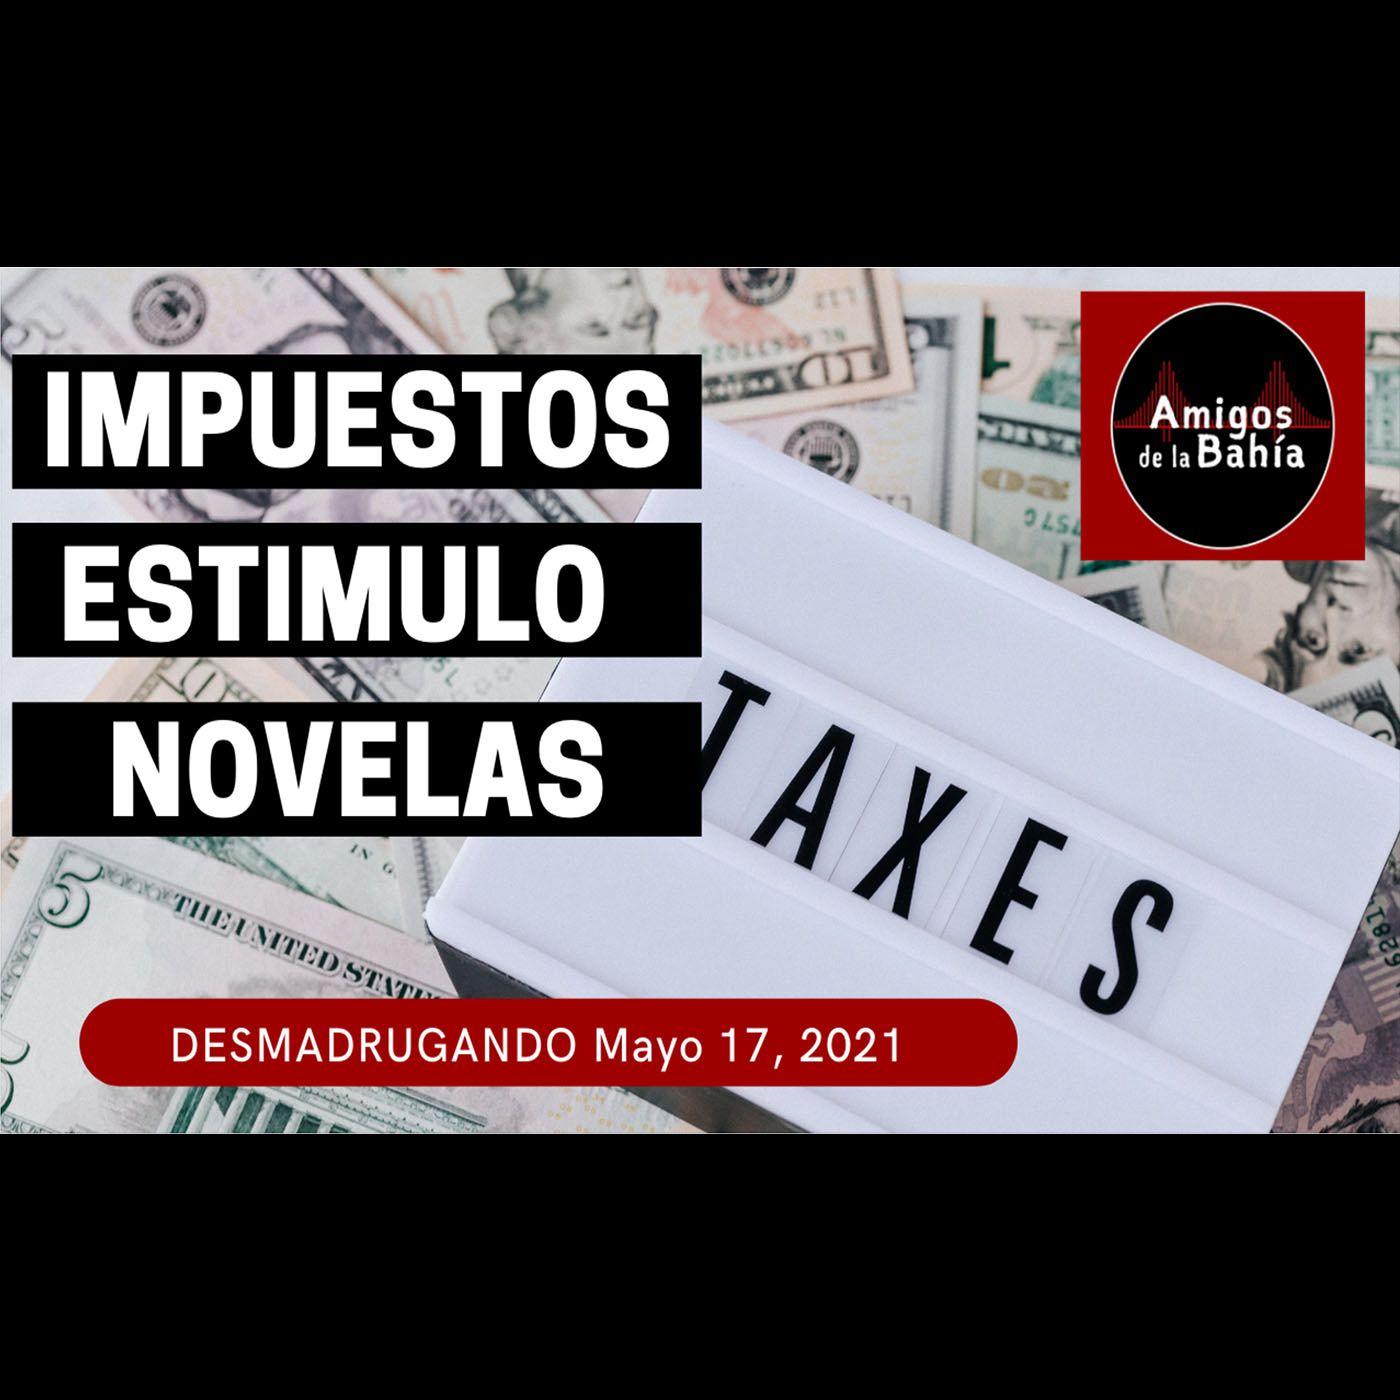 27. TAXES, ESTIMULO Y NOVELAS   DESMADRUGANDO Mayo 17, 2021